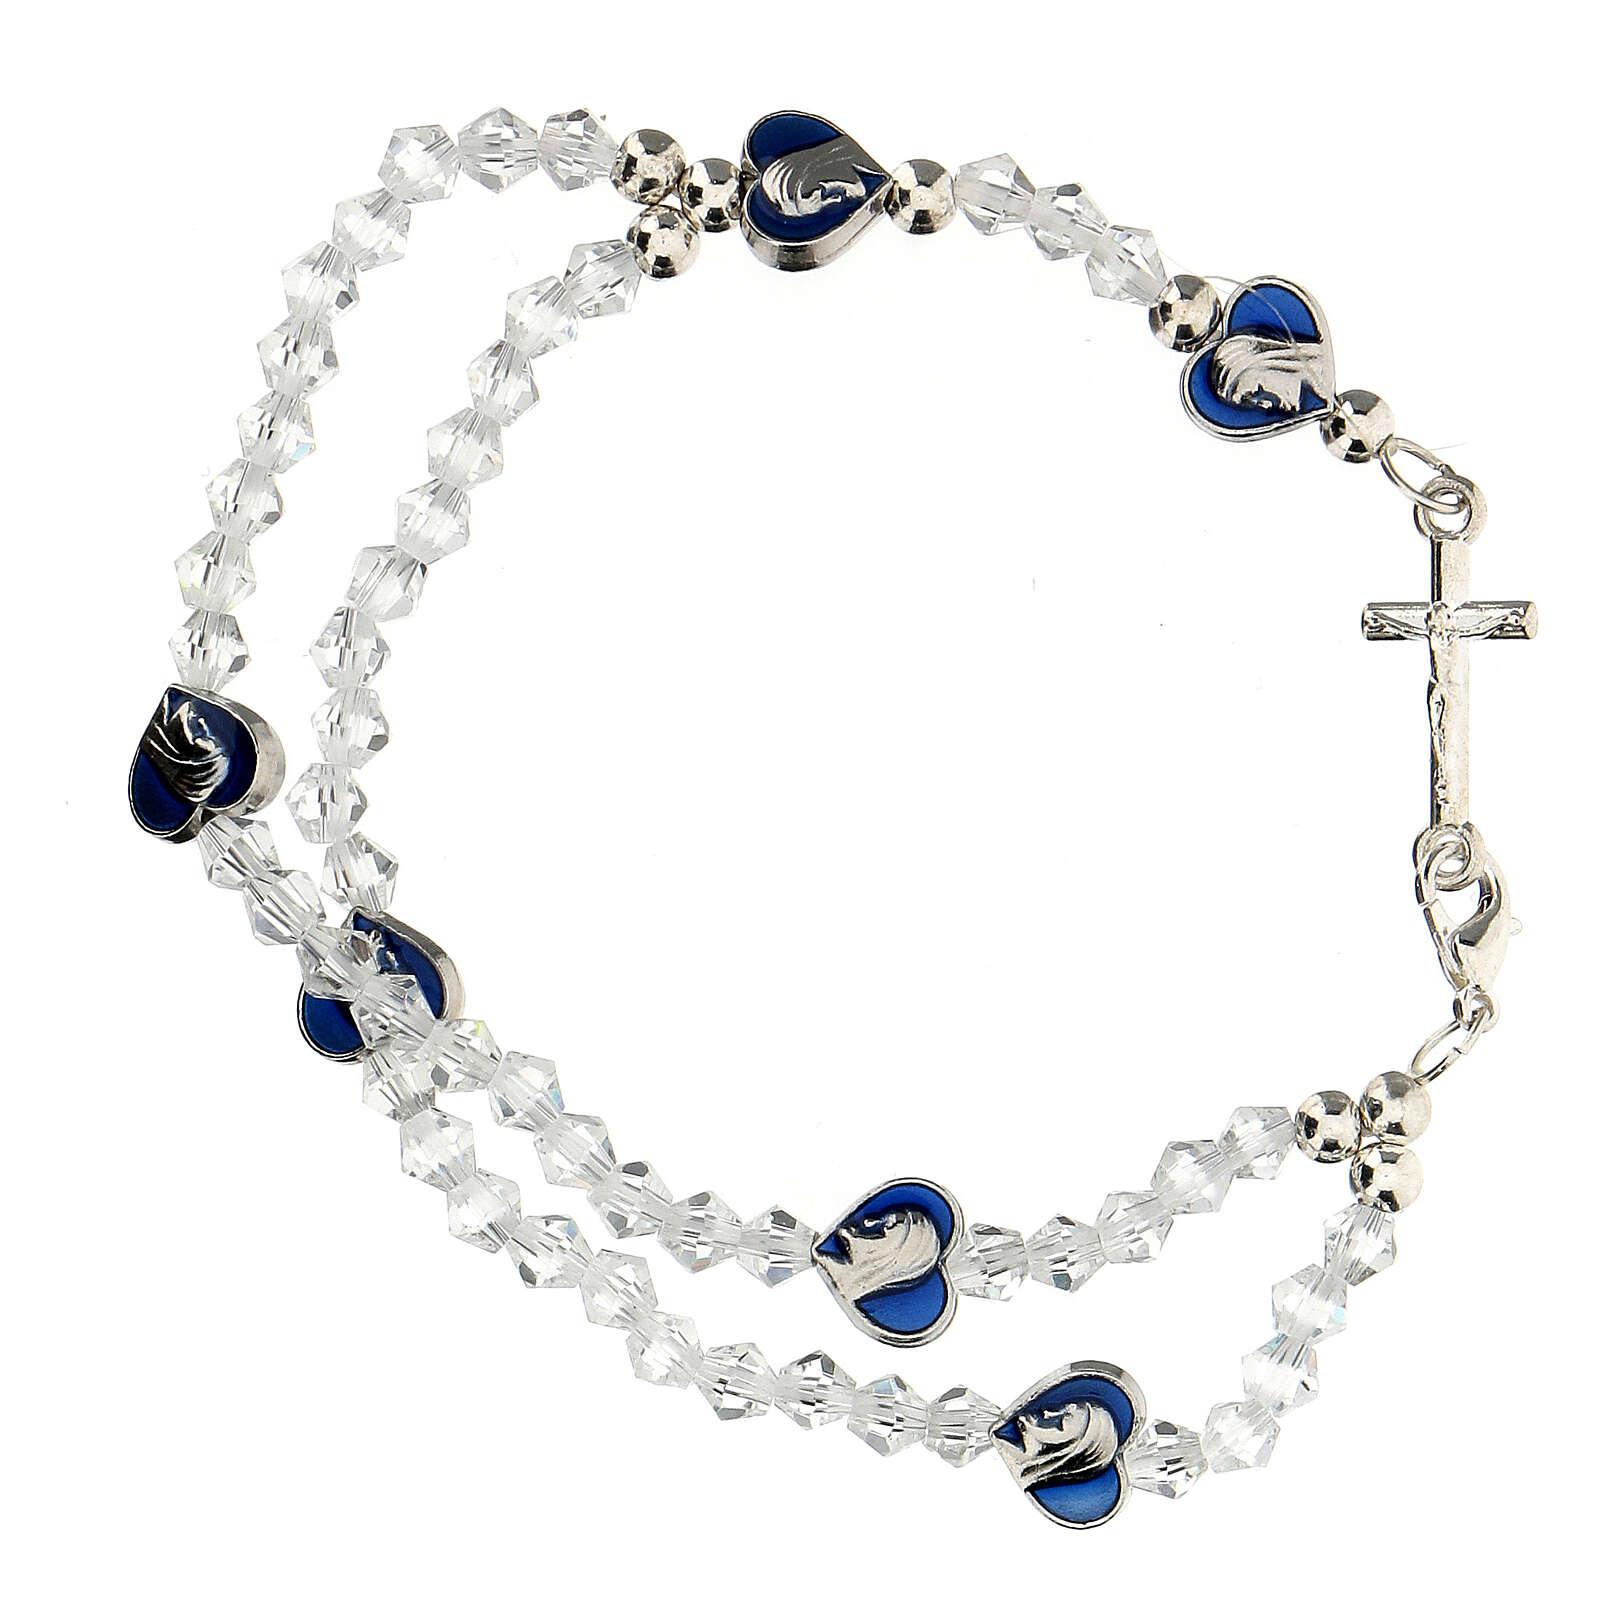 Bracelet élastique avec grains en cristal 3 mm 4